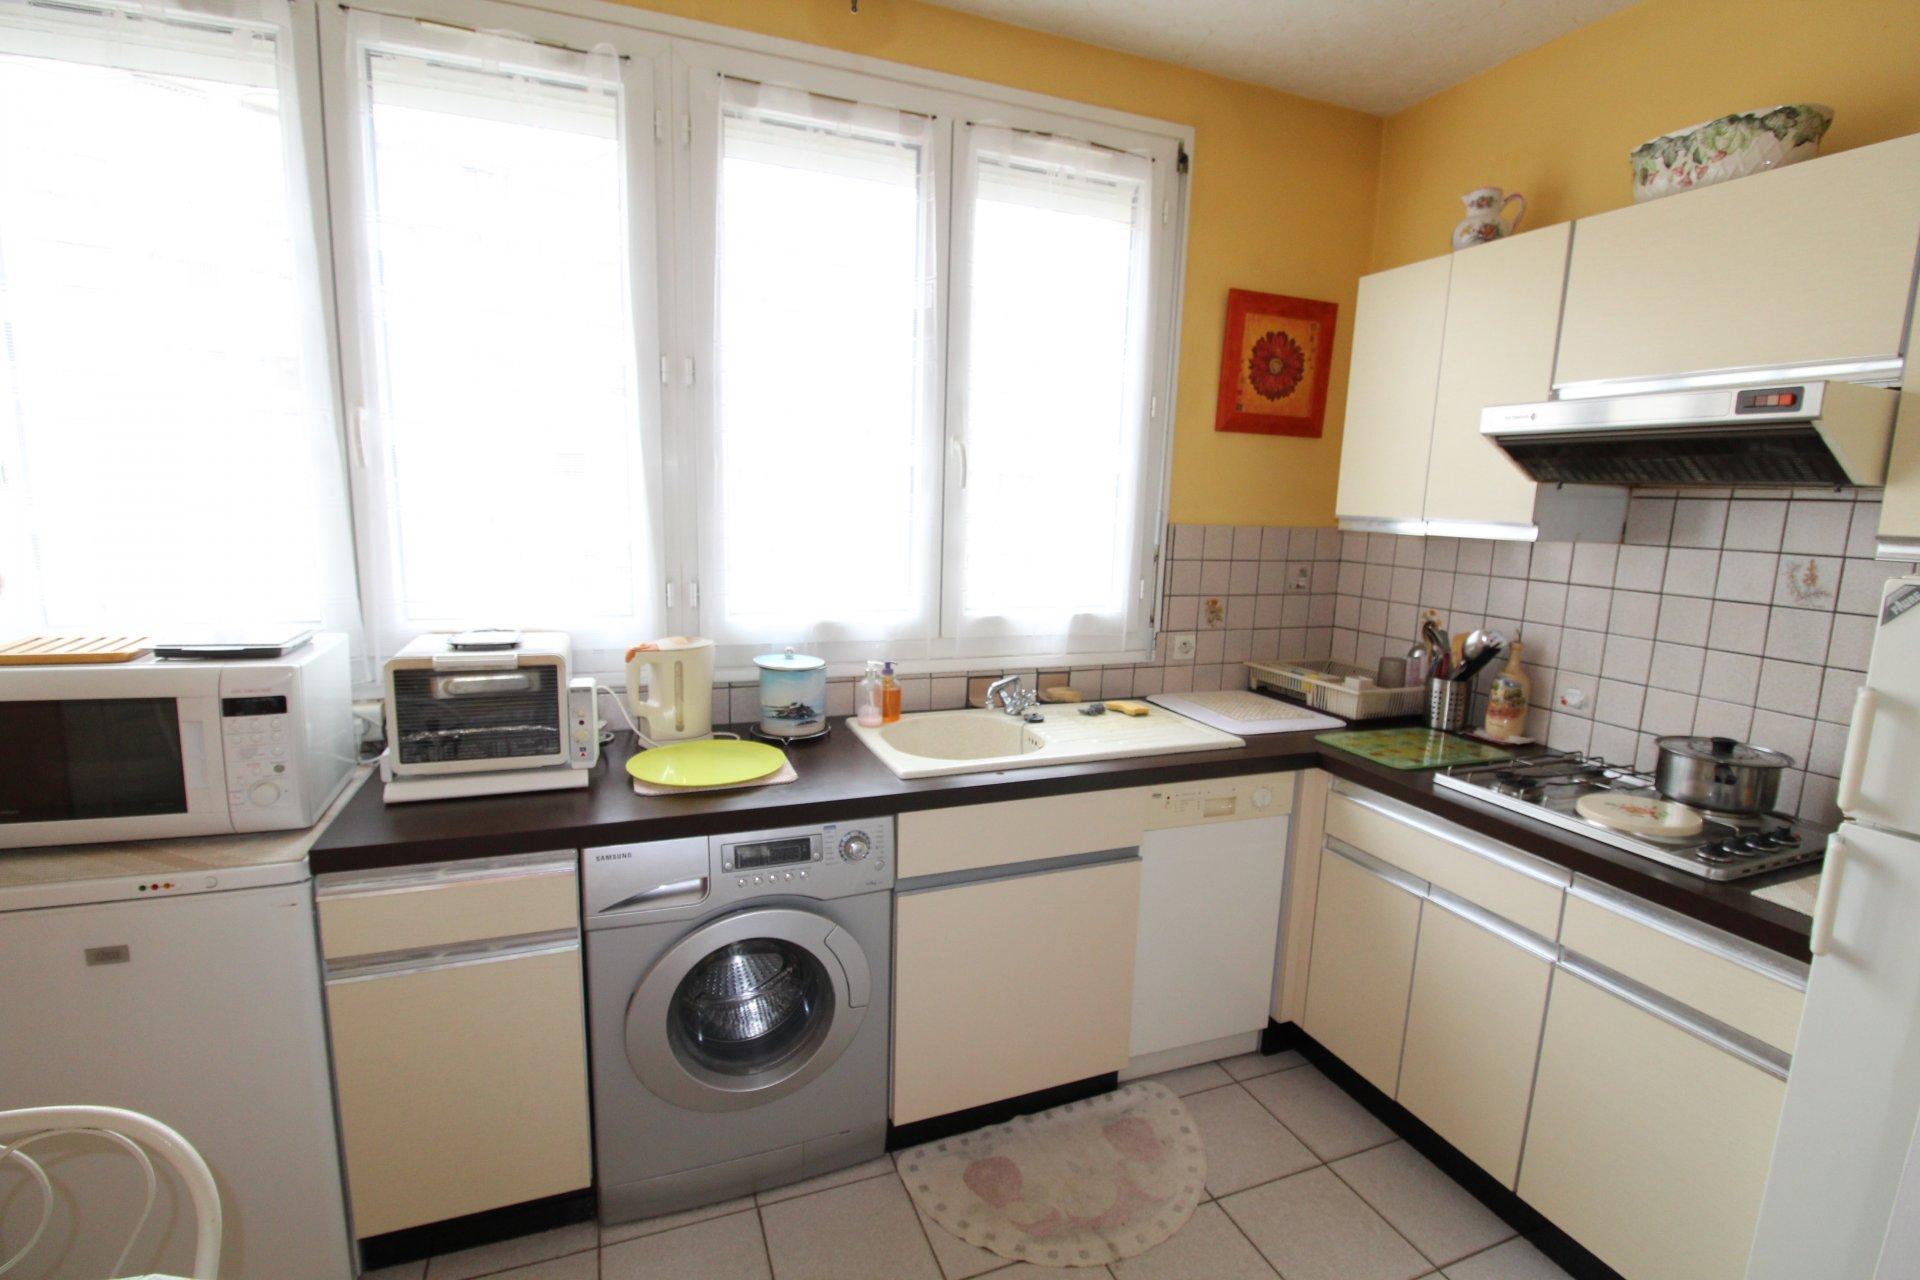 Appartement Saint-Etienne / Foch 4 pièces 91,03m2 avec balcon et garage.